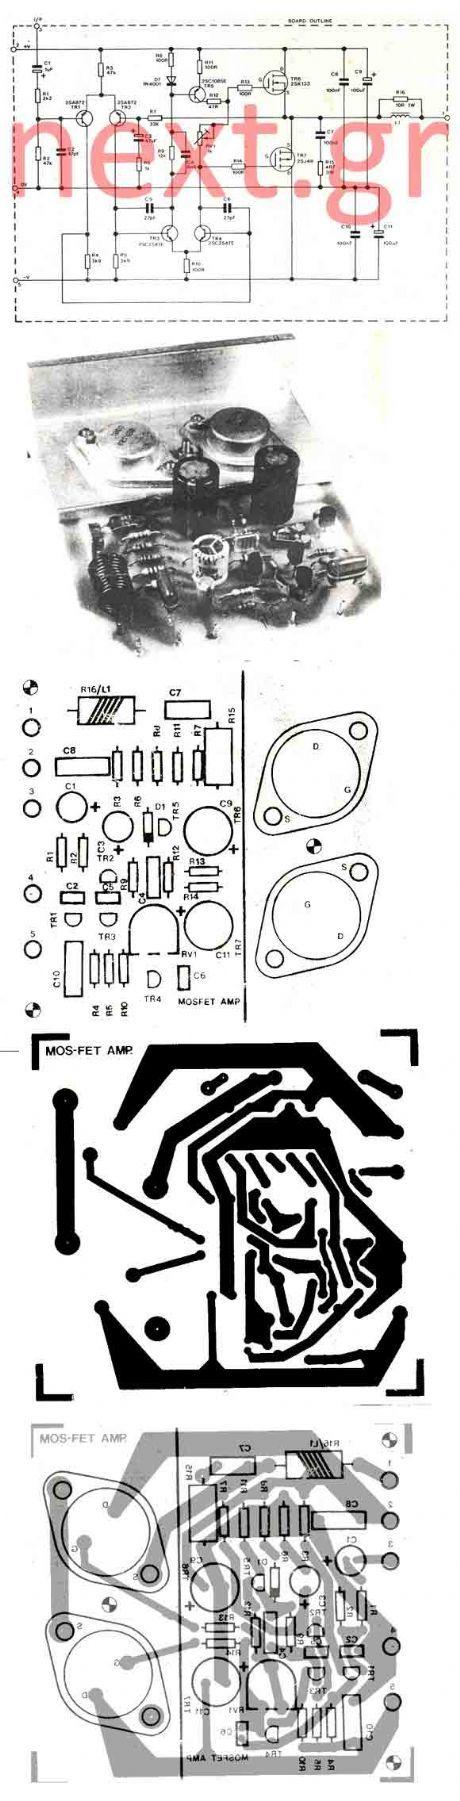 Bomb Proof 150 Watt Mosfet Power Amplifier Electronic Schematics Current Limiting Audio Circuit Amplifiercircuitsaudio